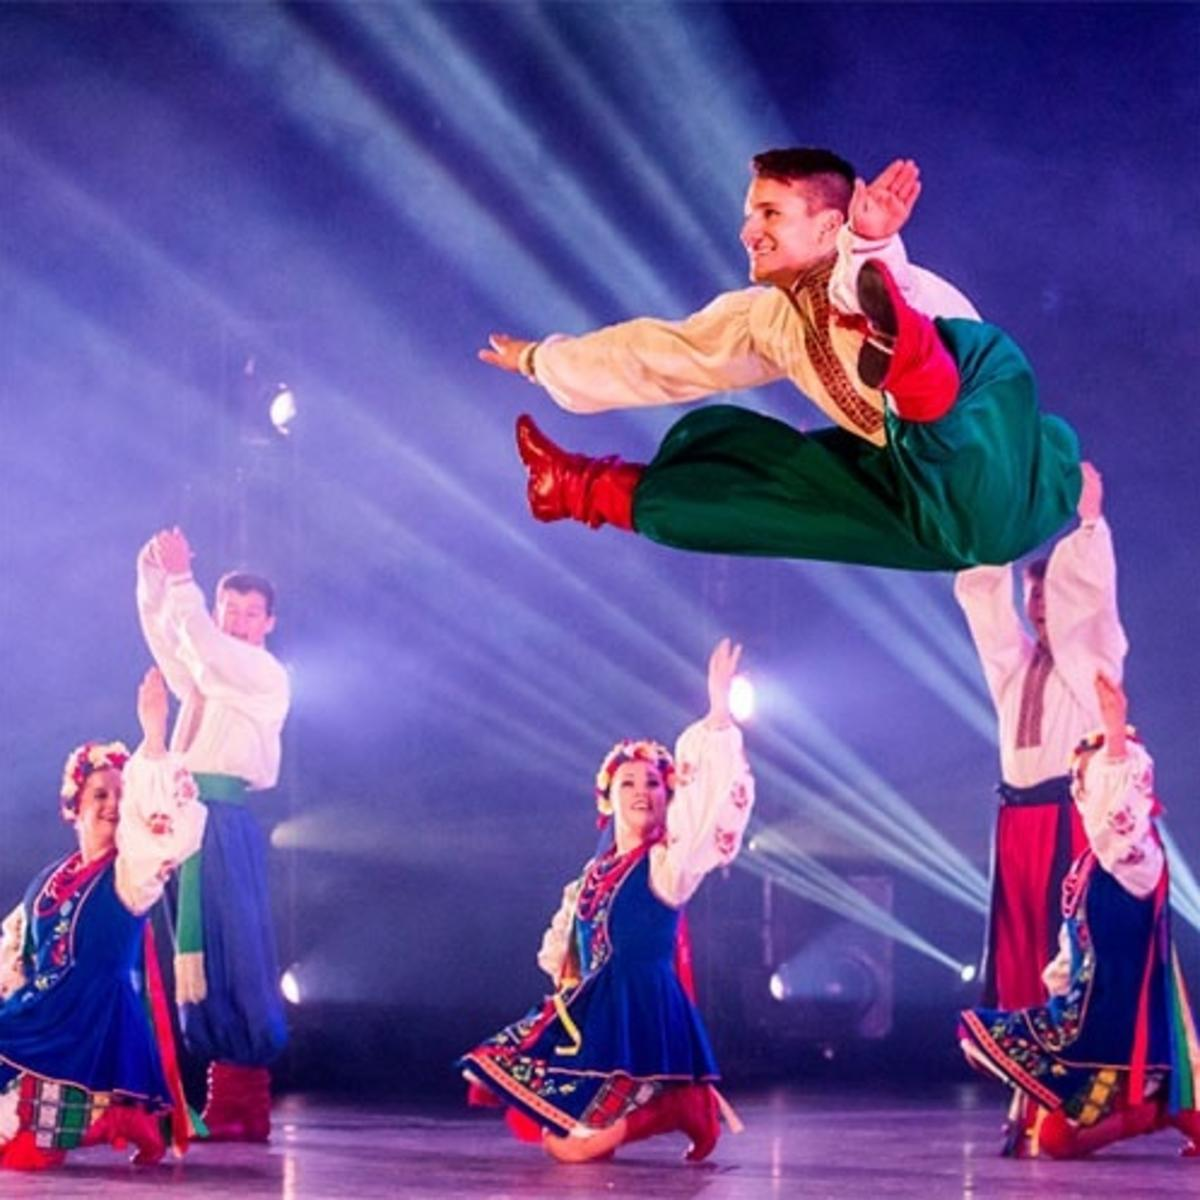 Đoàn Múa Dân Gian Quốc Tế: Biểu diễn các tiết mục múa và âm nhạc giàu bản sắc văn hóa trên toàn thế giới, đoàn múa này làm sân khấu ngập tràn màu sắc, nhịp điệu và lịch sử.